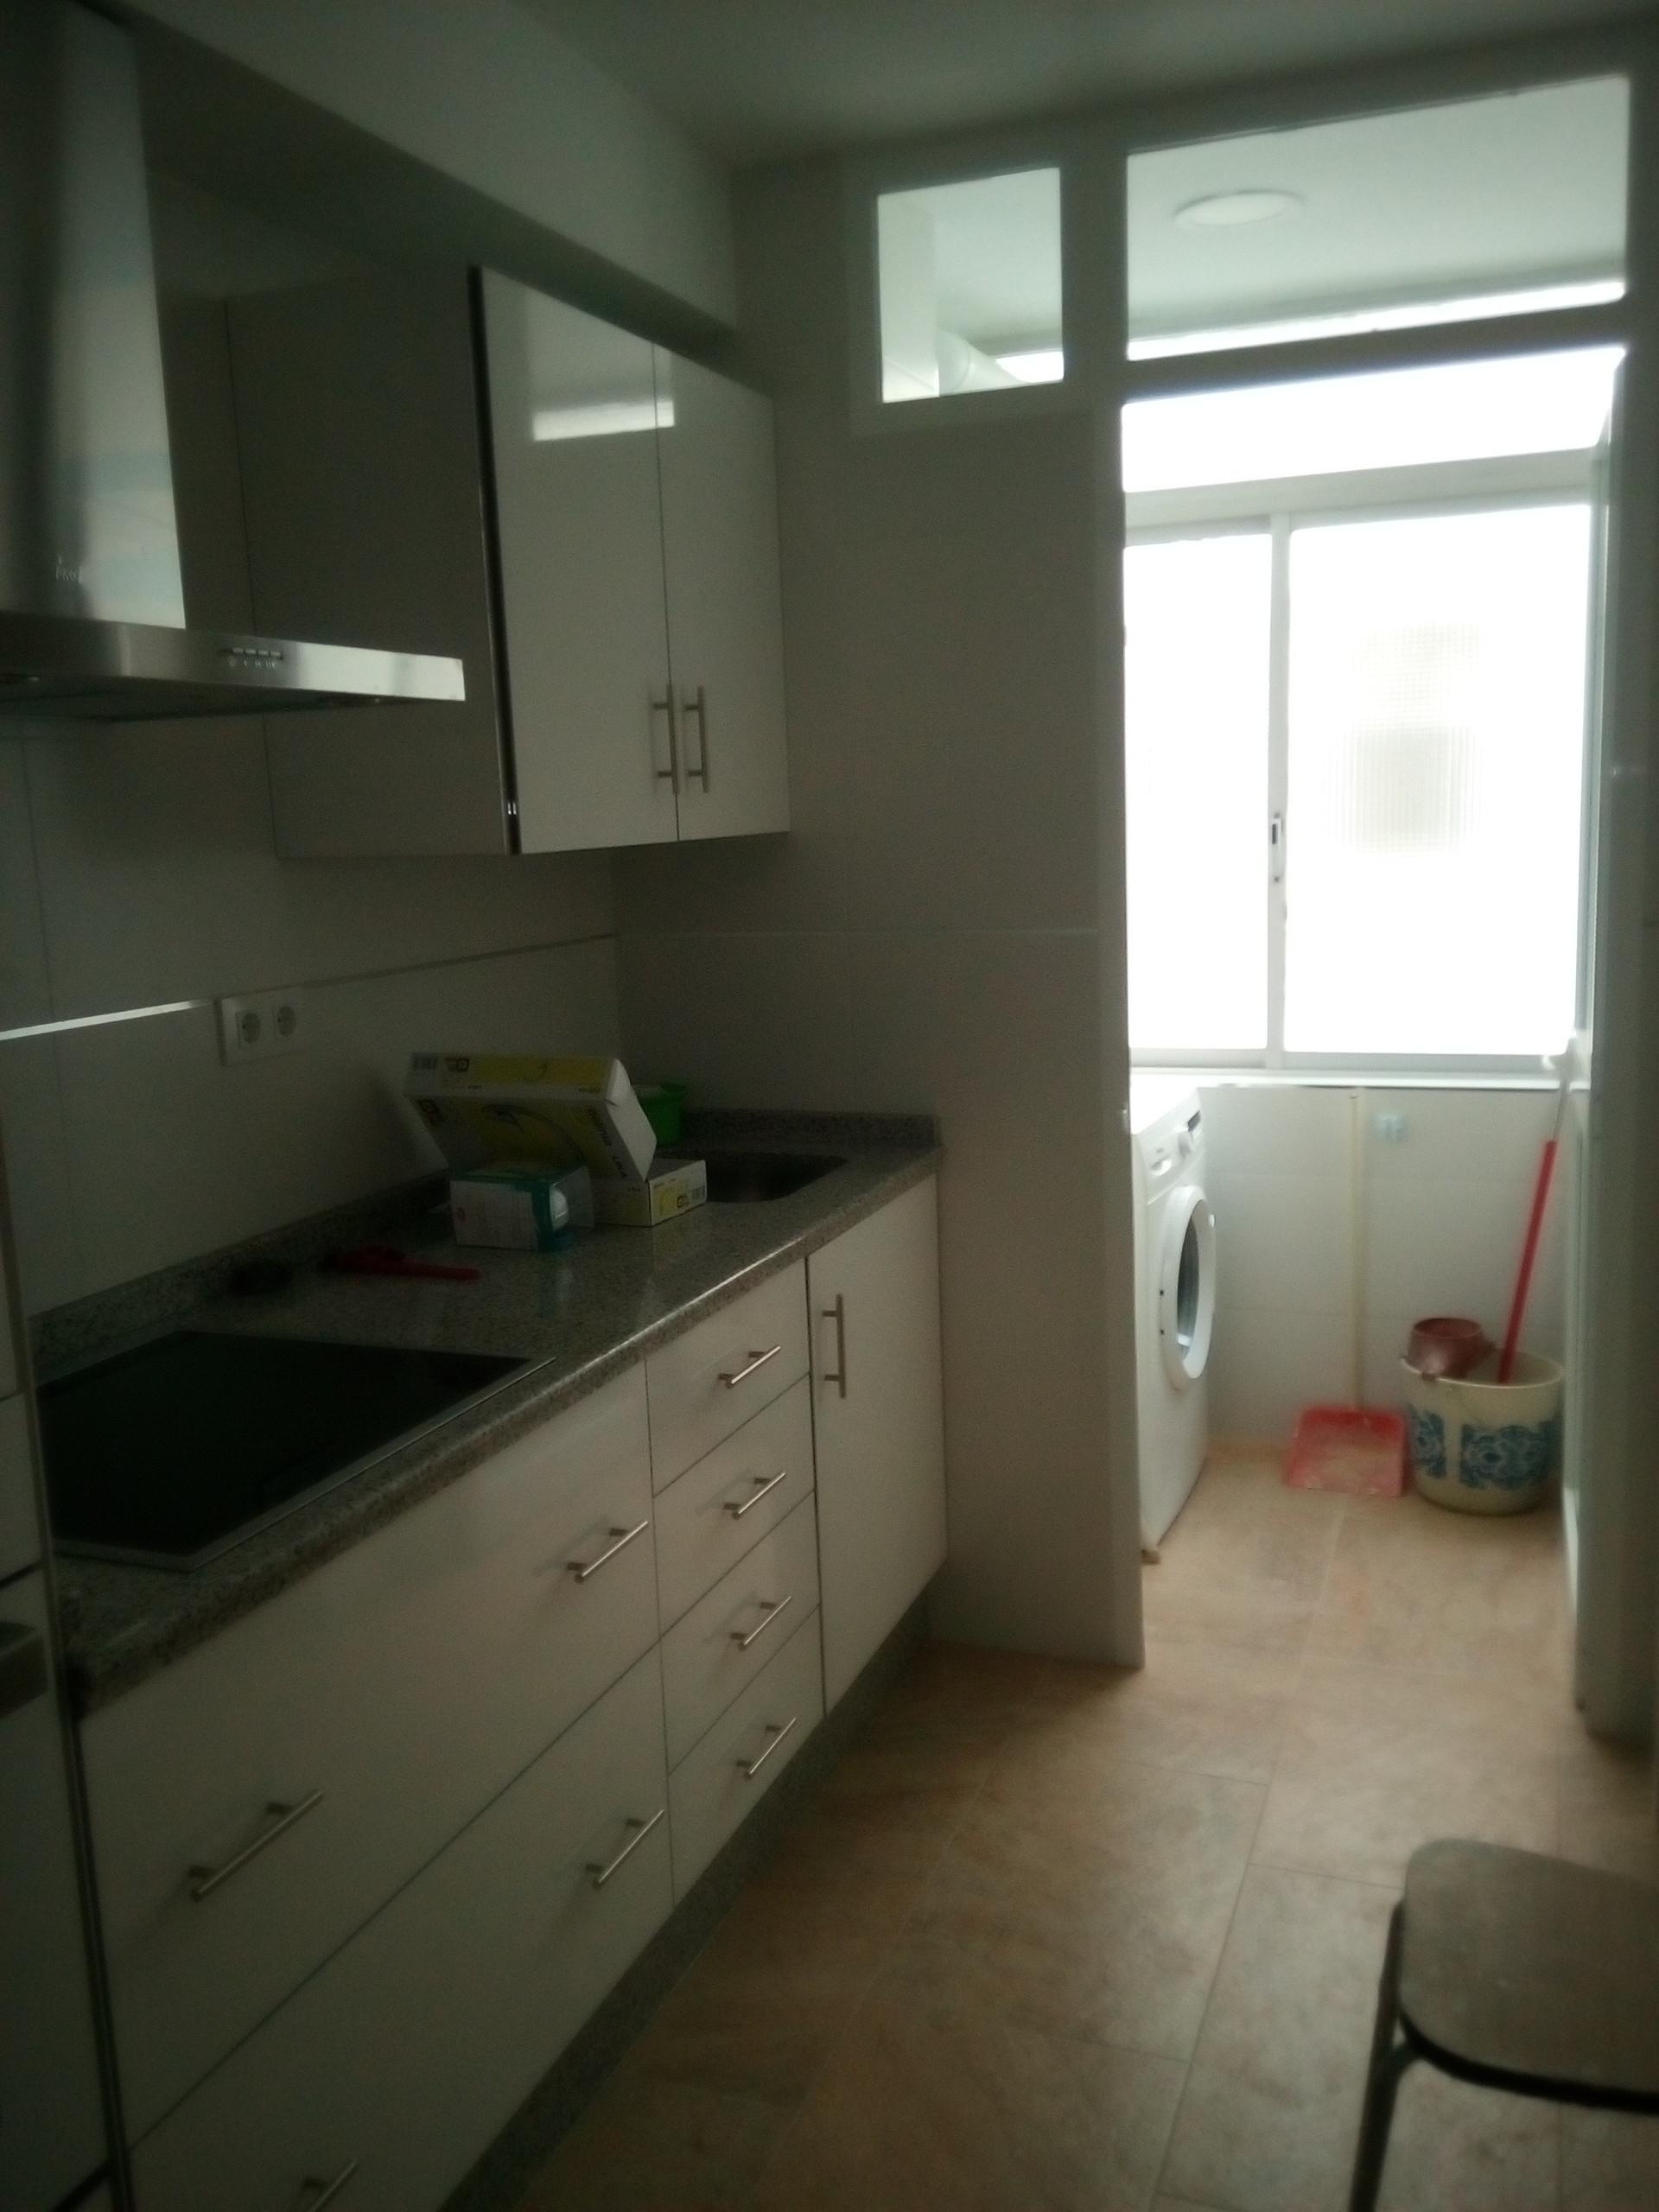 Estupenda habitaci n en piso amplio con mucha luz alquiler habitaciones c rdoba - Pisos compartidos cordoba ...